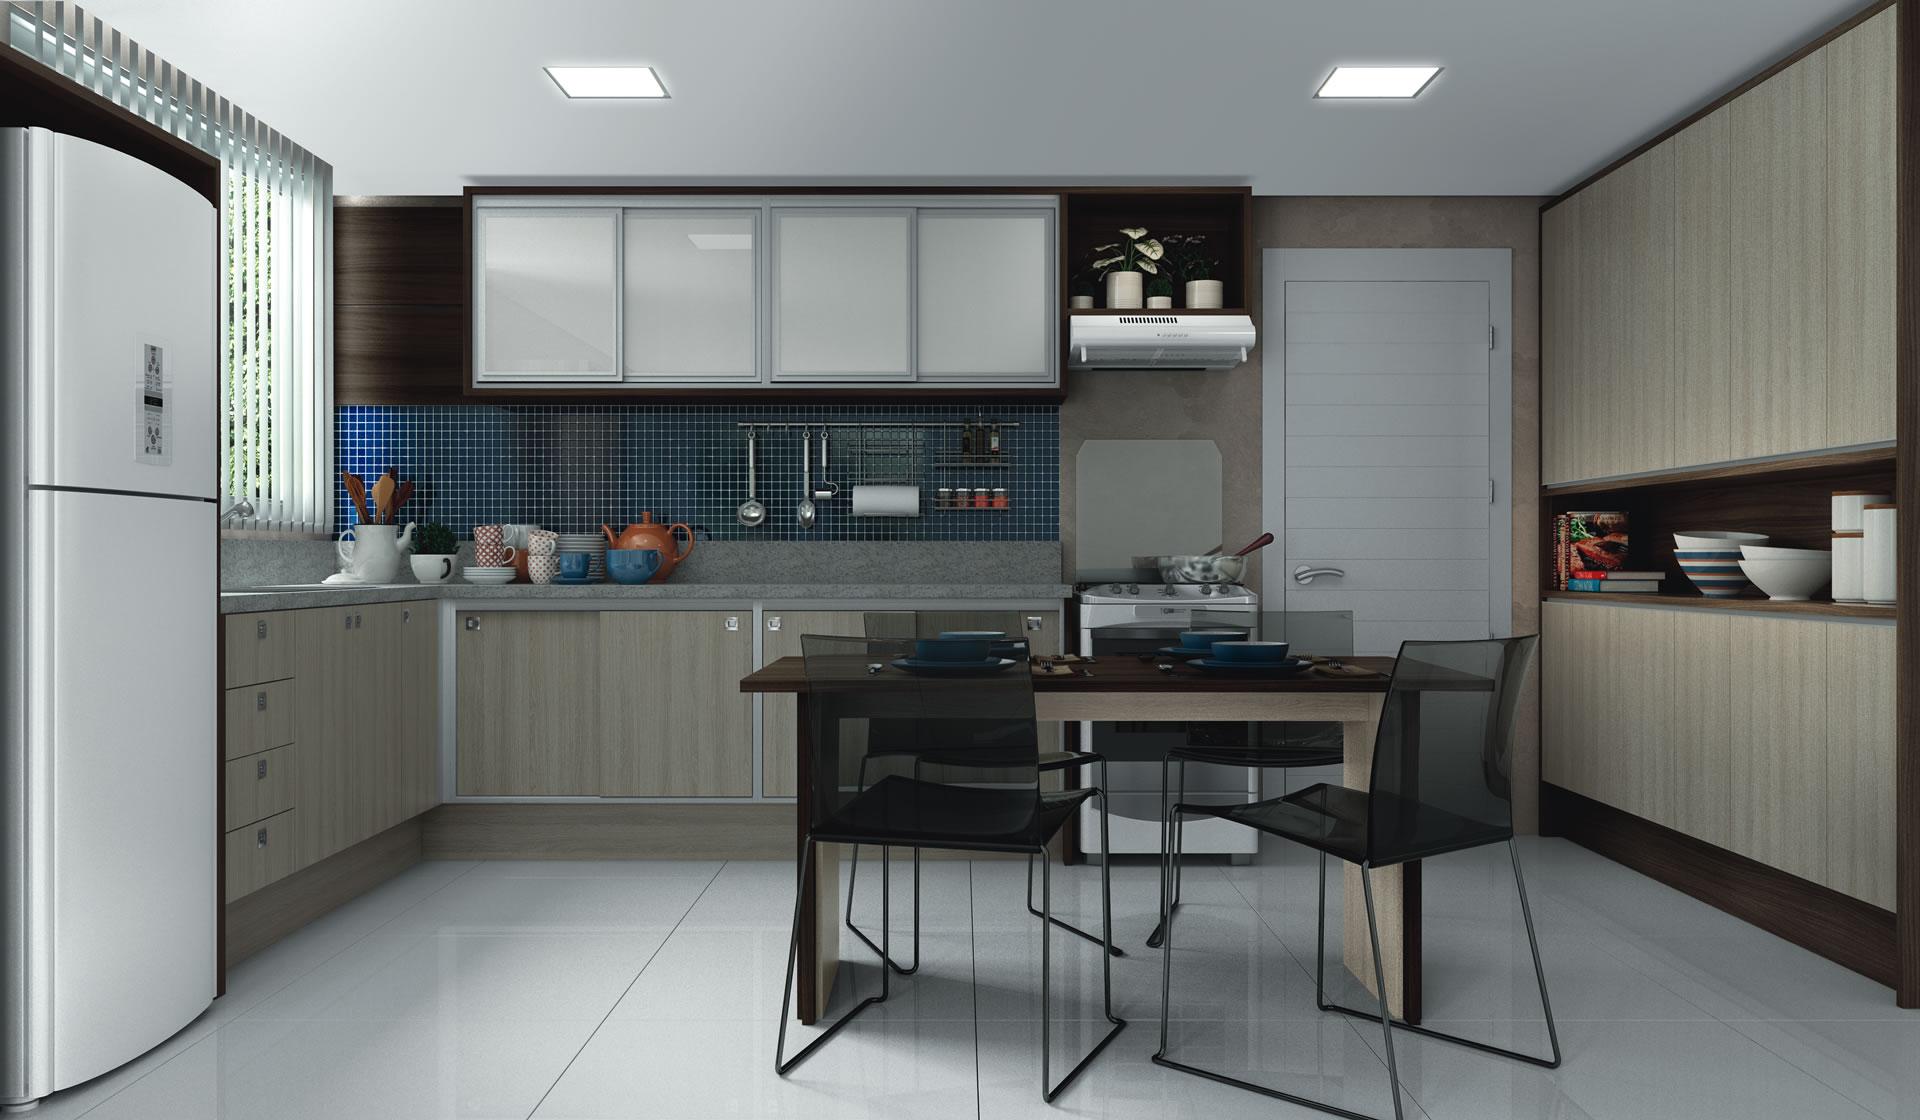 cozinha ampla planejada com espaço do meio aberto